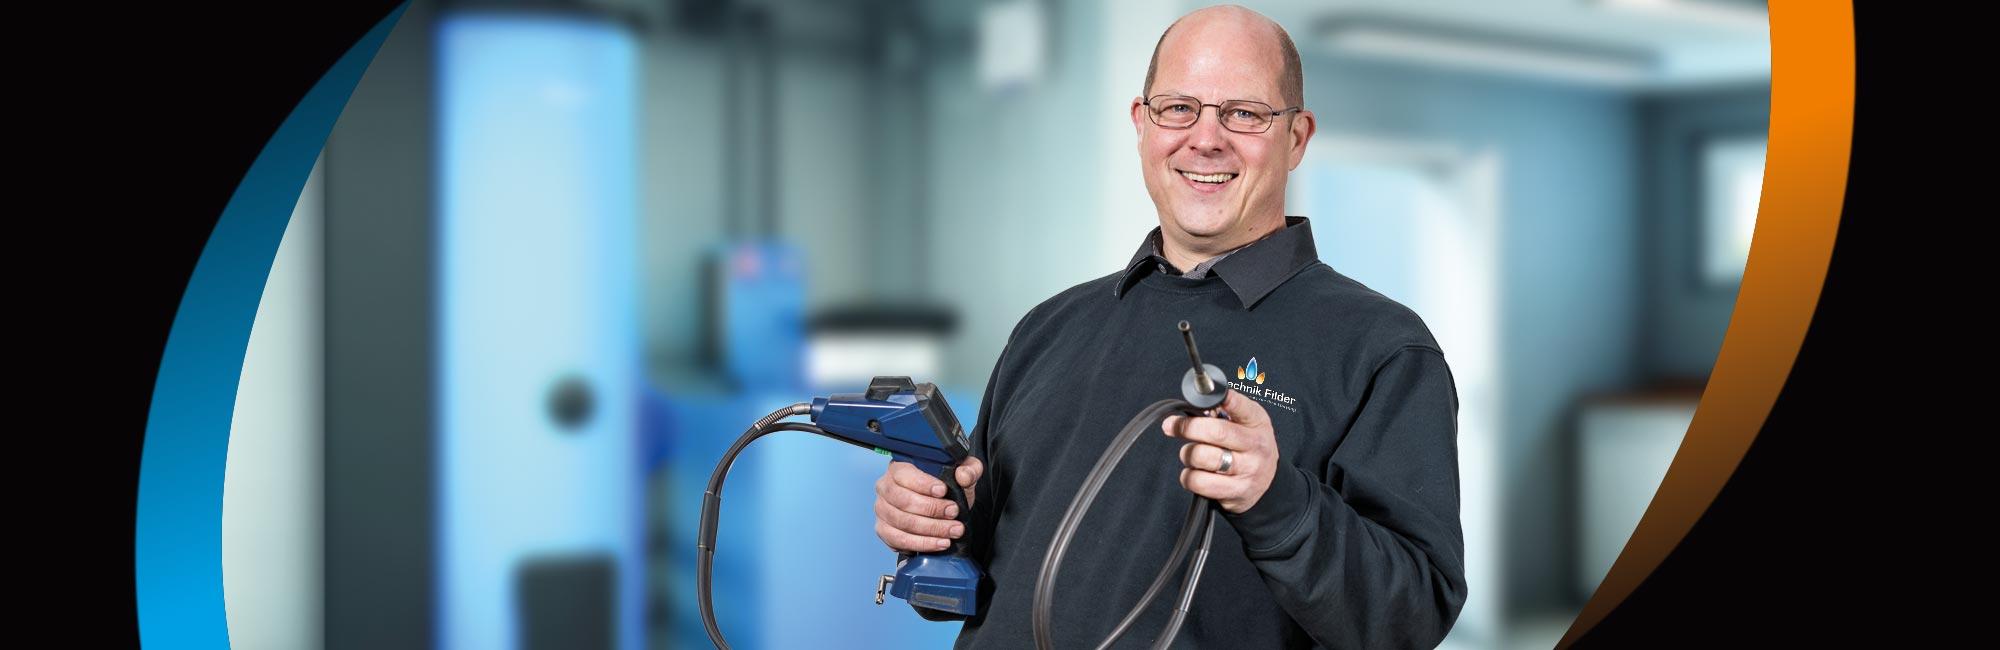 Kundendienst - Gastechnik Filder Fritzsch